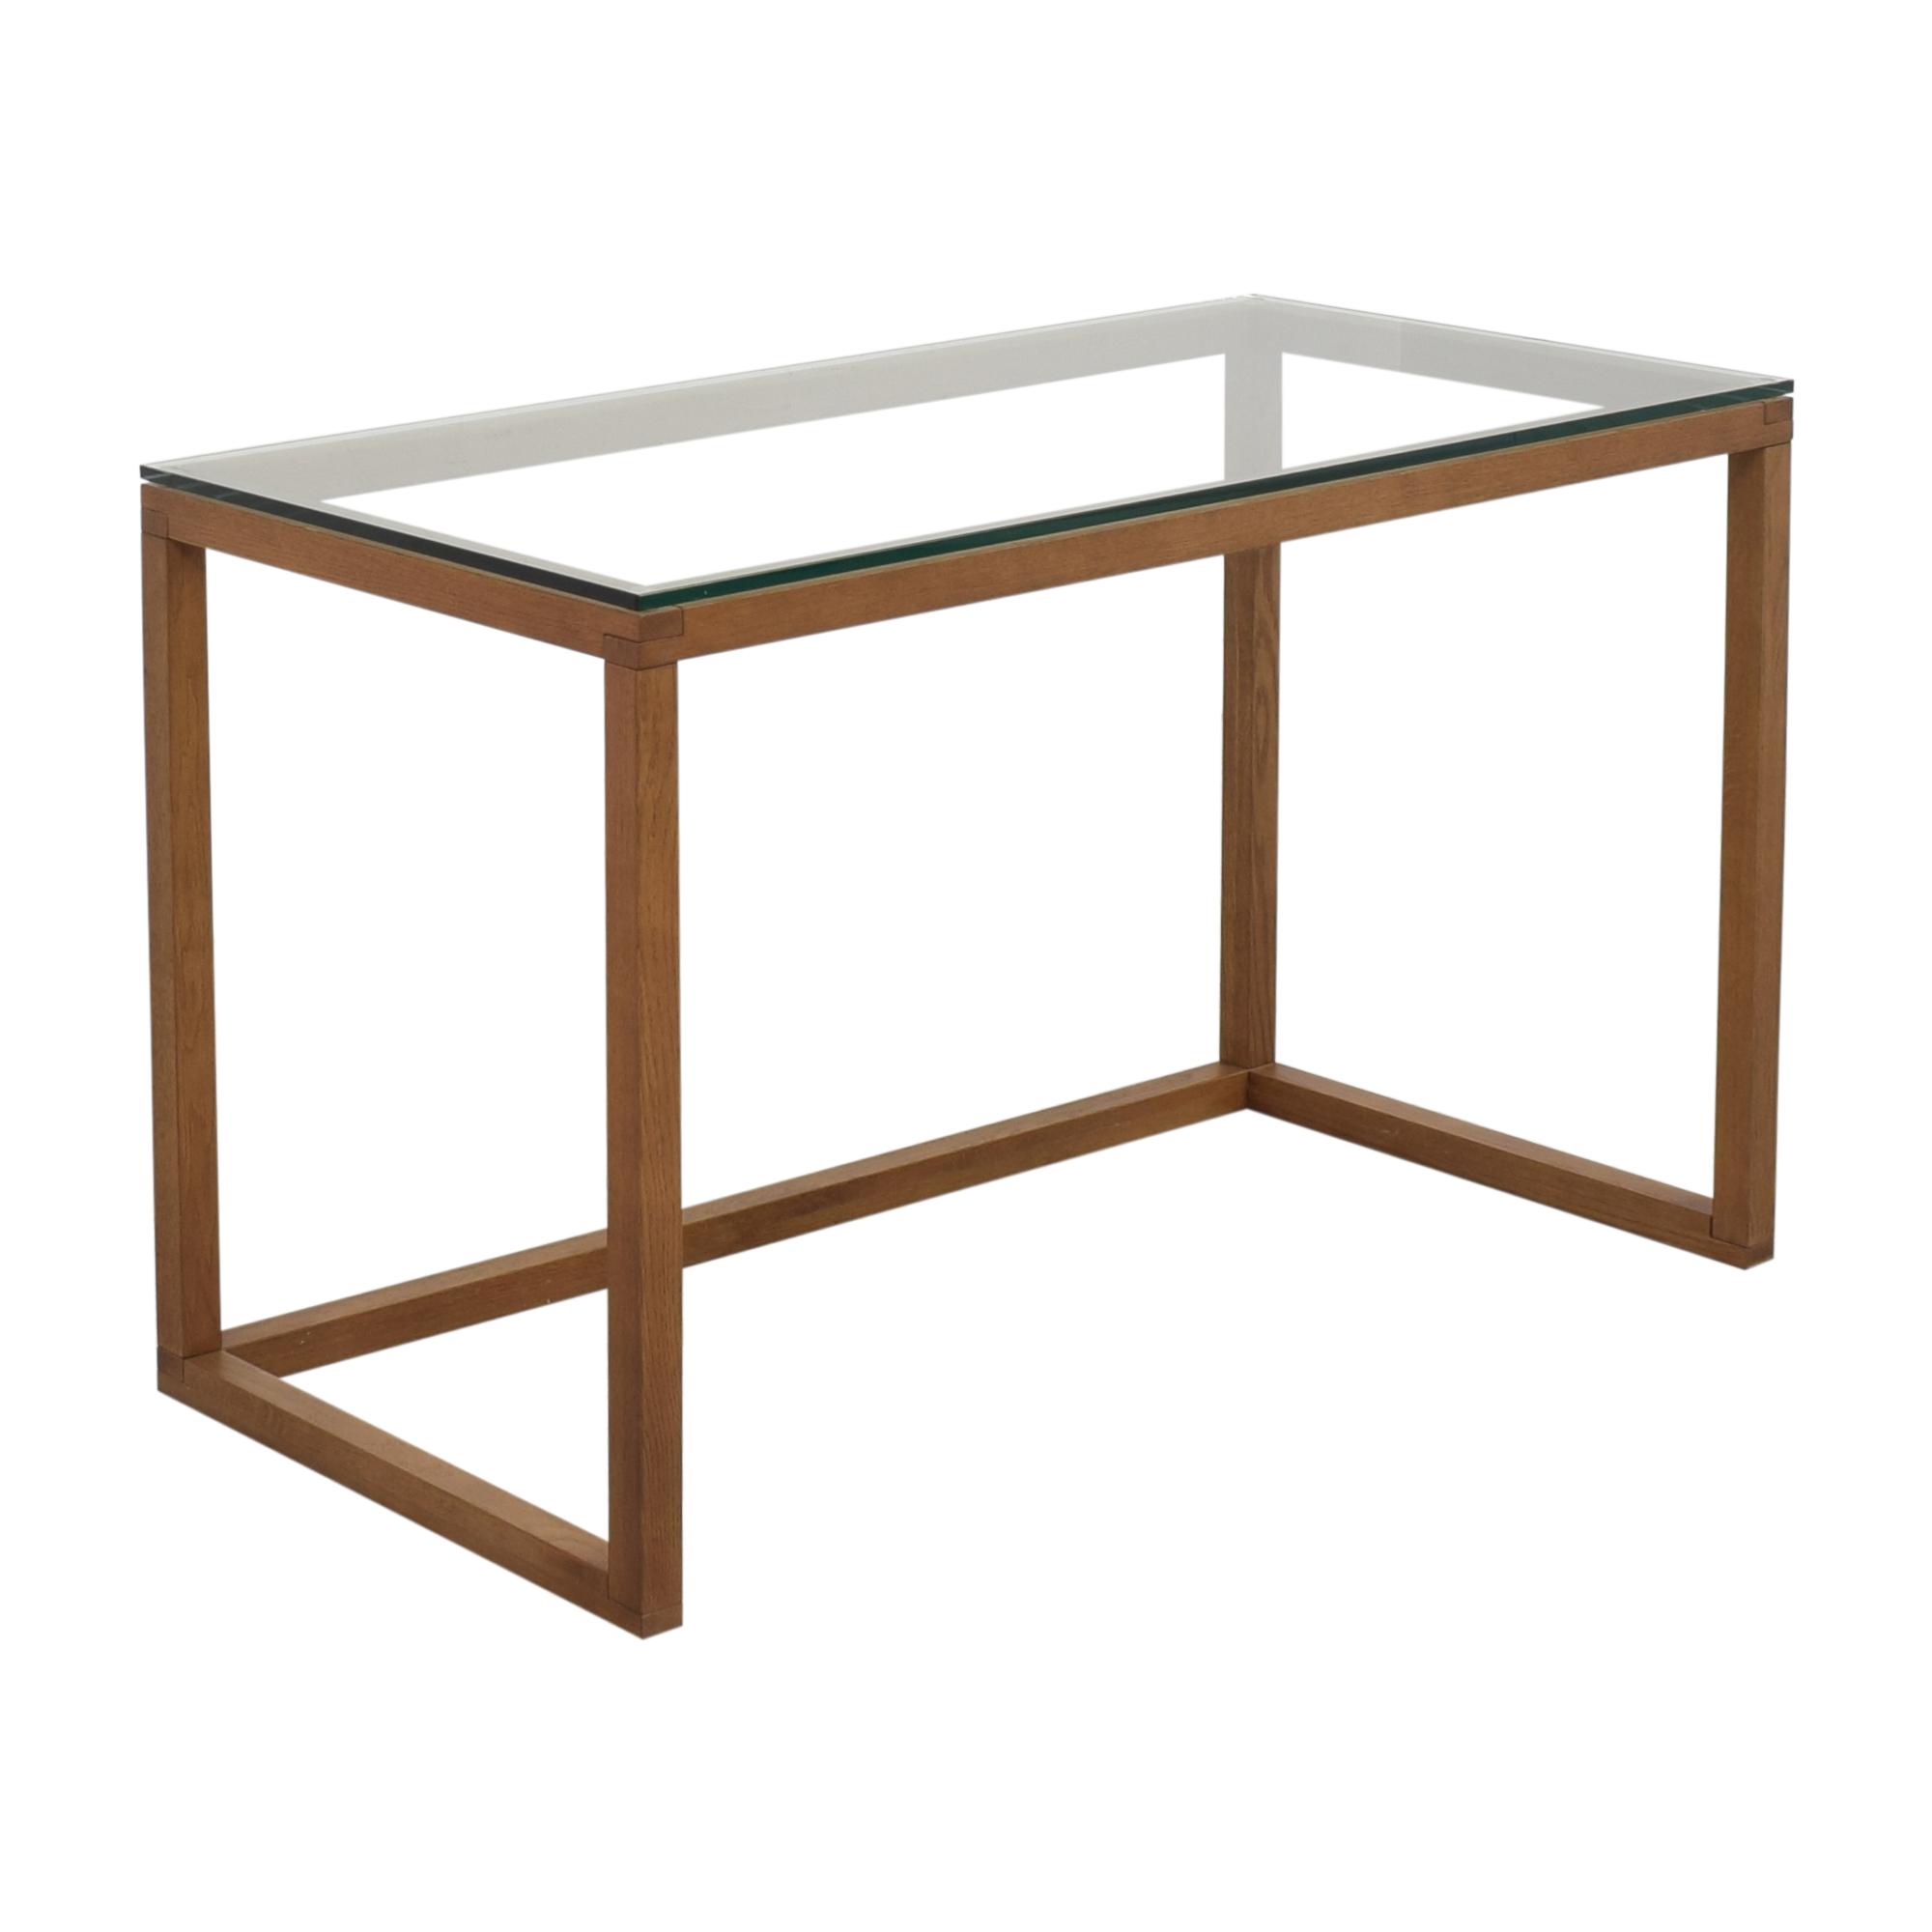 Crate & Barrel Crate & Barrel Anderson Desk ct